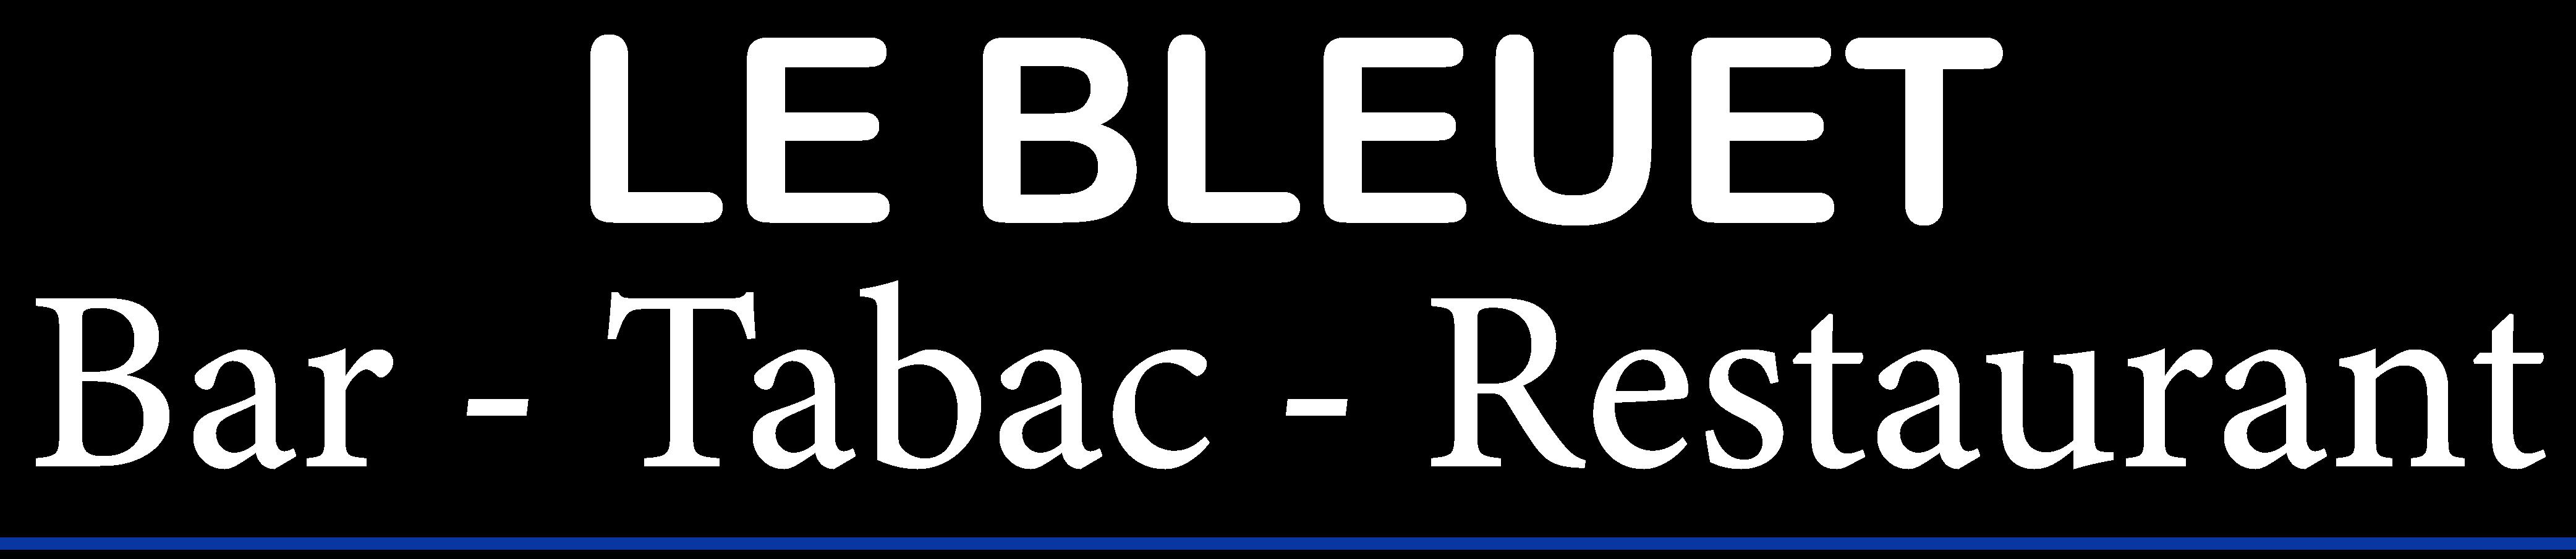 Le Bleuet Restaurant